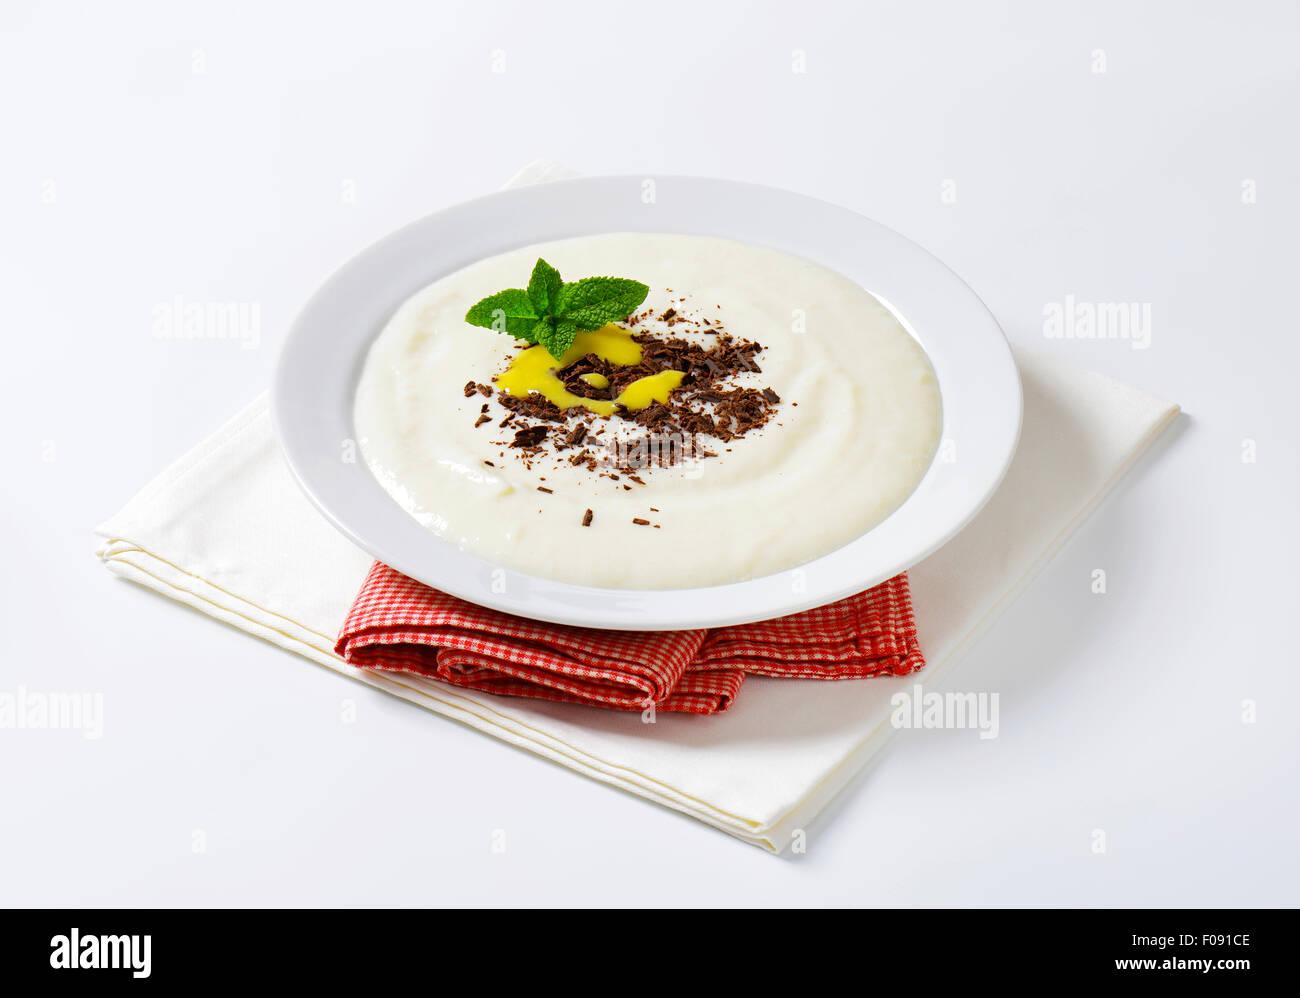 Bouillie de semoule en douceur servi avec du chocolat râpé et le lait caillé de citron Photo Stock